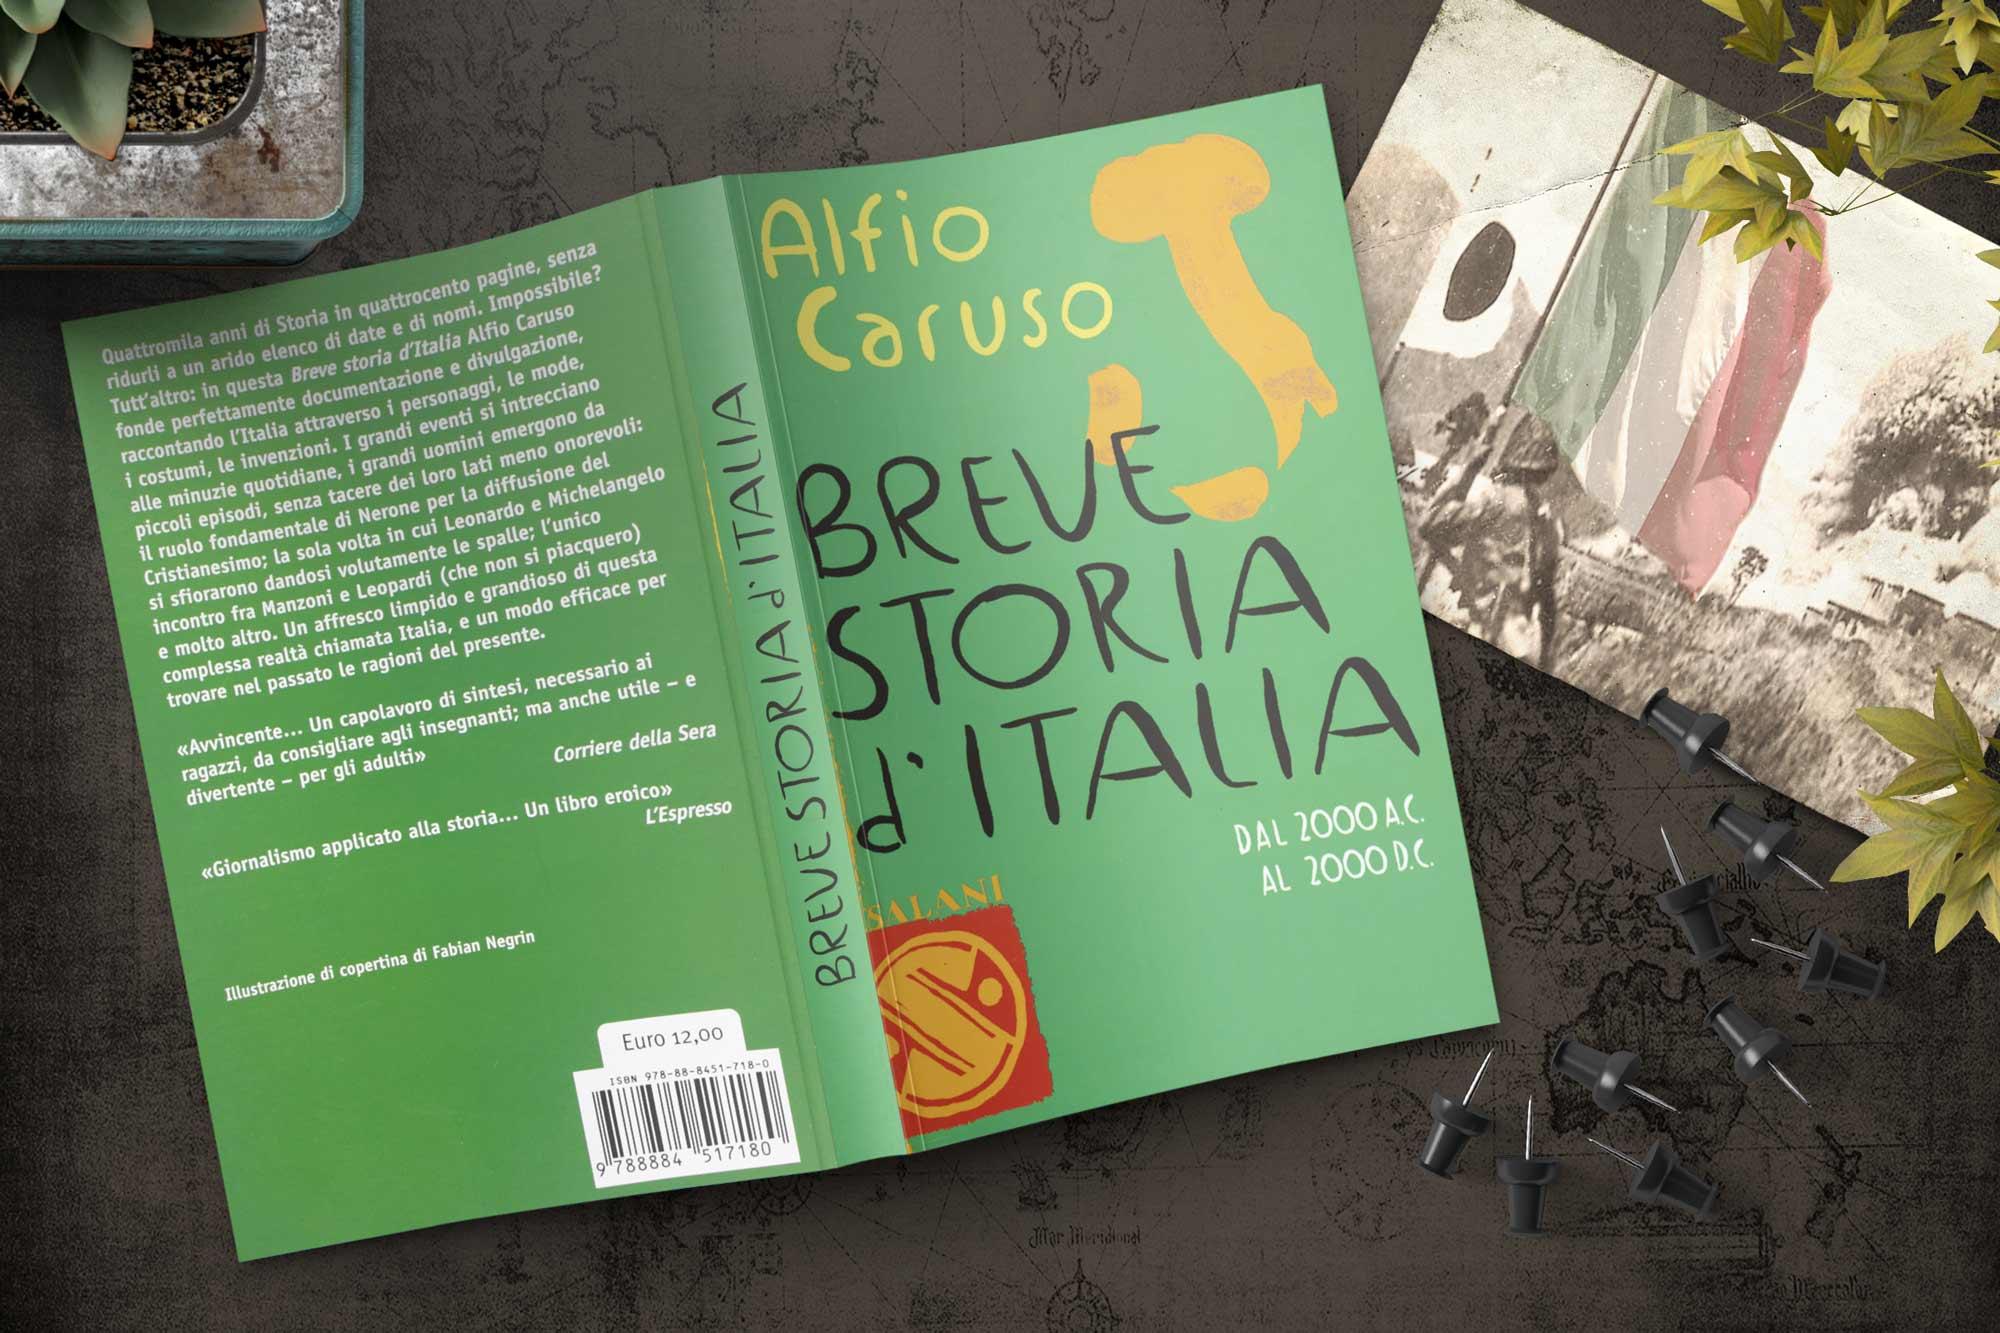 libro-sulla-storia-d'italia-migliore